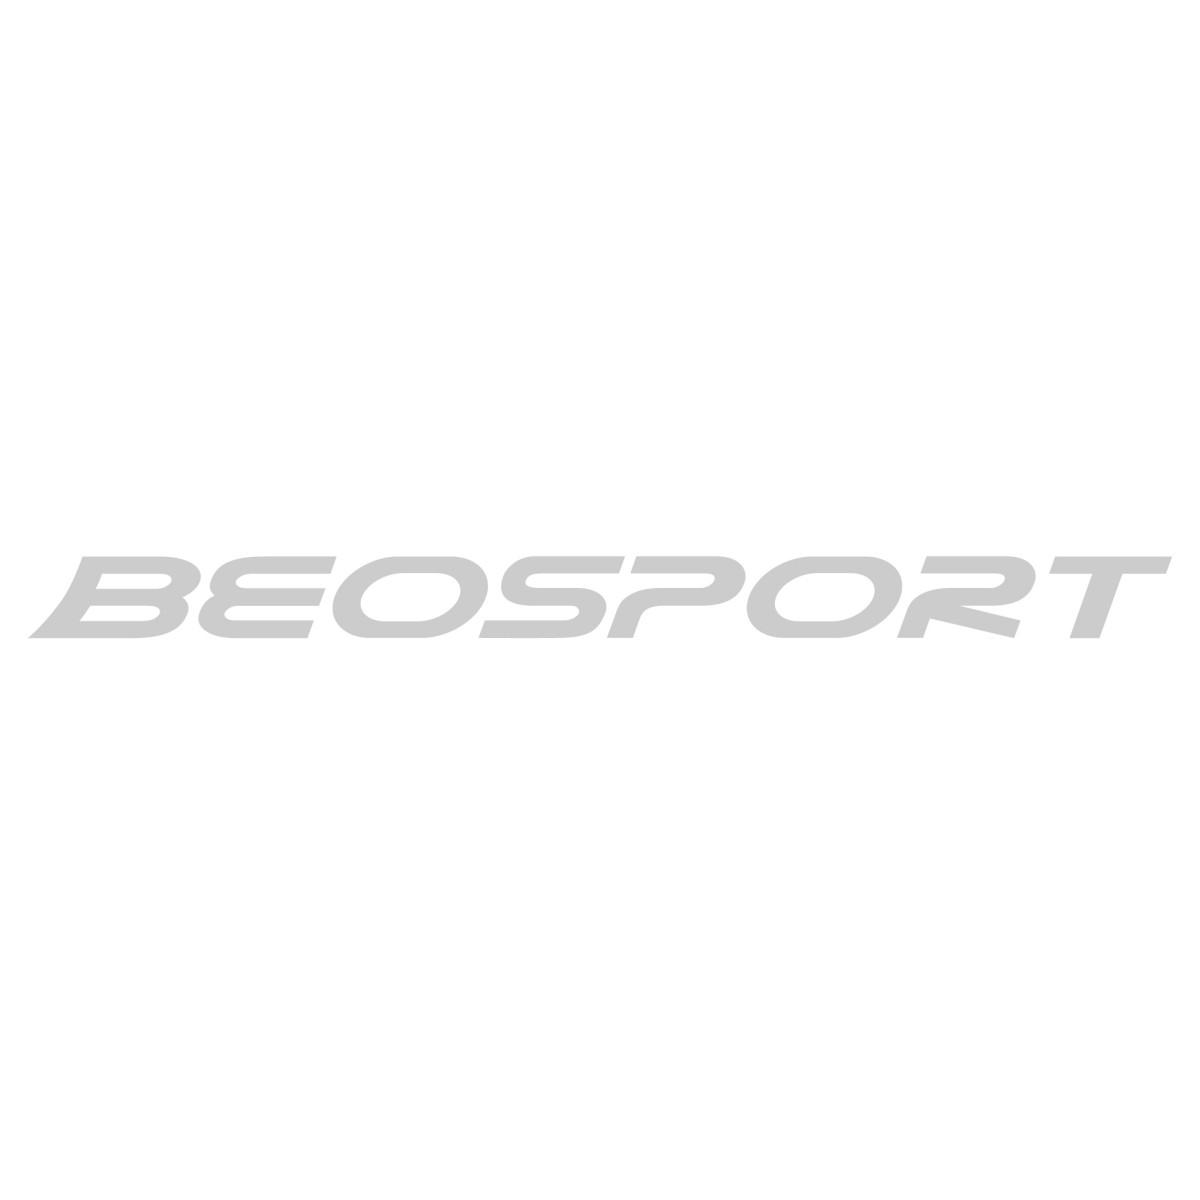 Wilson Seasnl čarape